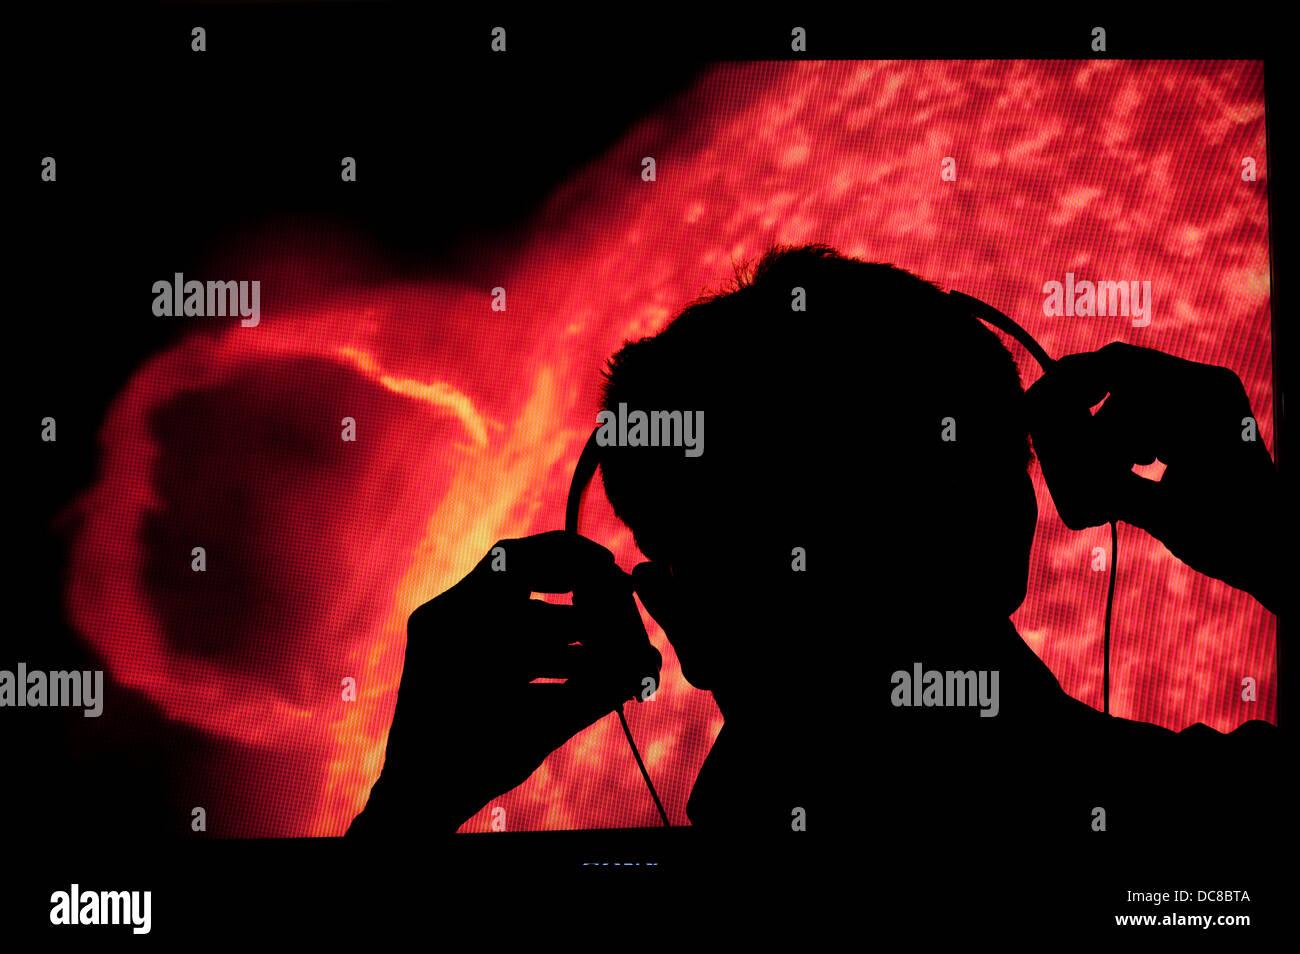 Mann-Wissenschaftler mit Kopfhörern Überwachung Klänge aus Sonne Stockbild